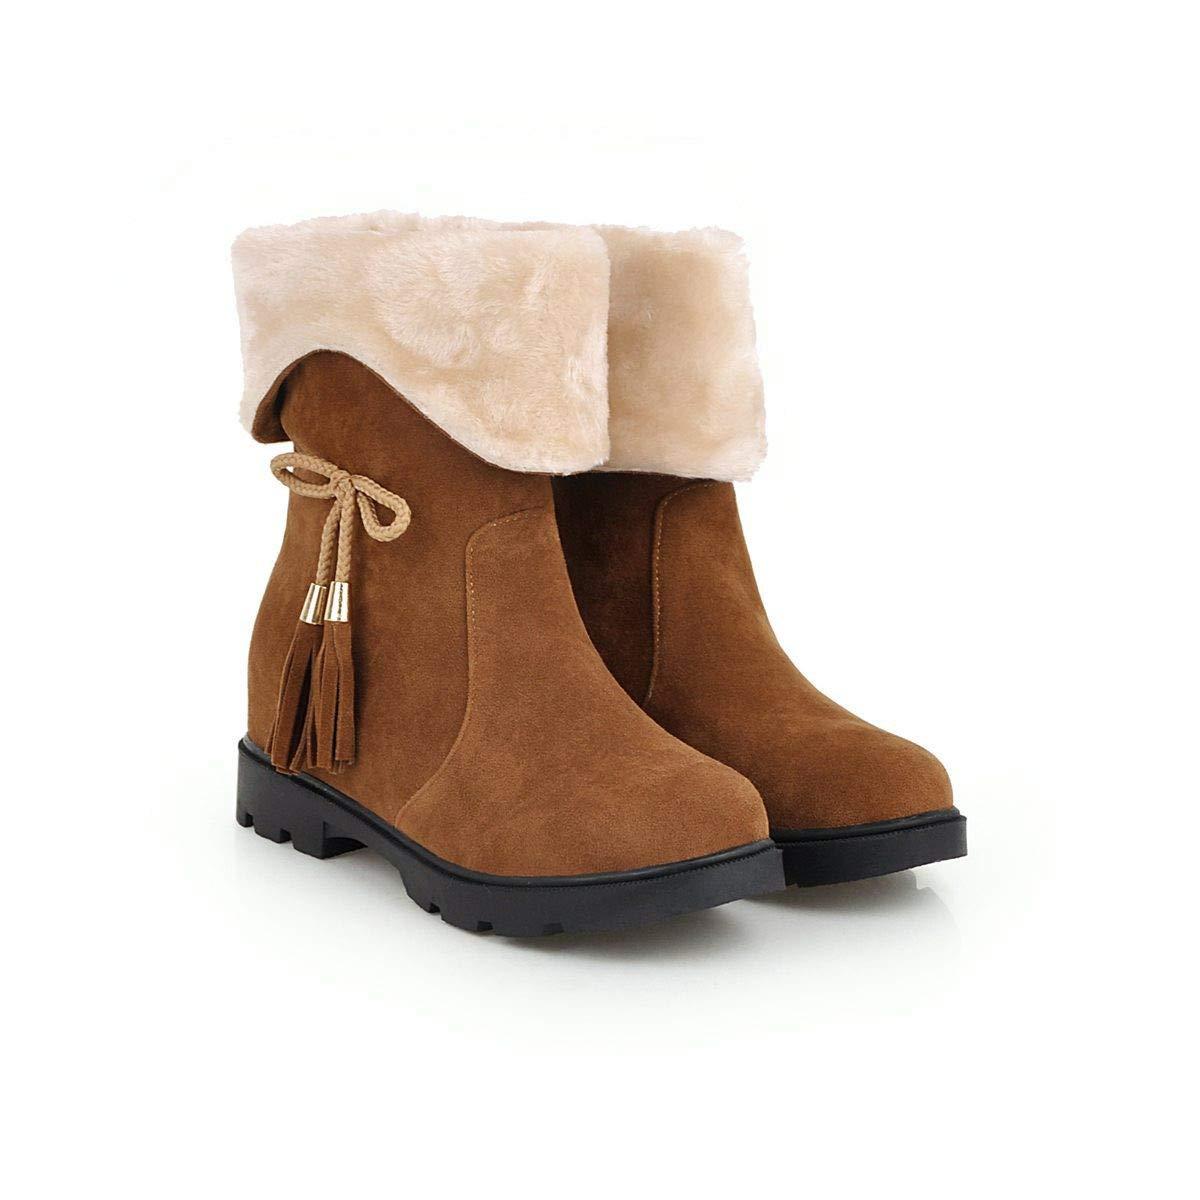 Flache süße Studenten Studenten Studenten des Herbstes und des Winters in den Stiefeln schneien die Stiefel der Frauen 25b8b0